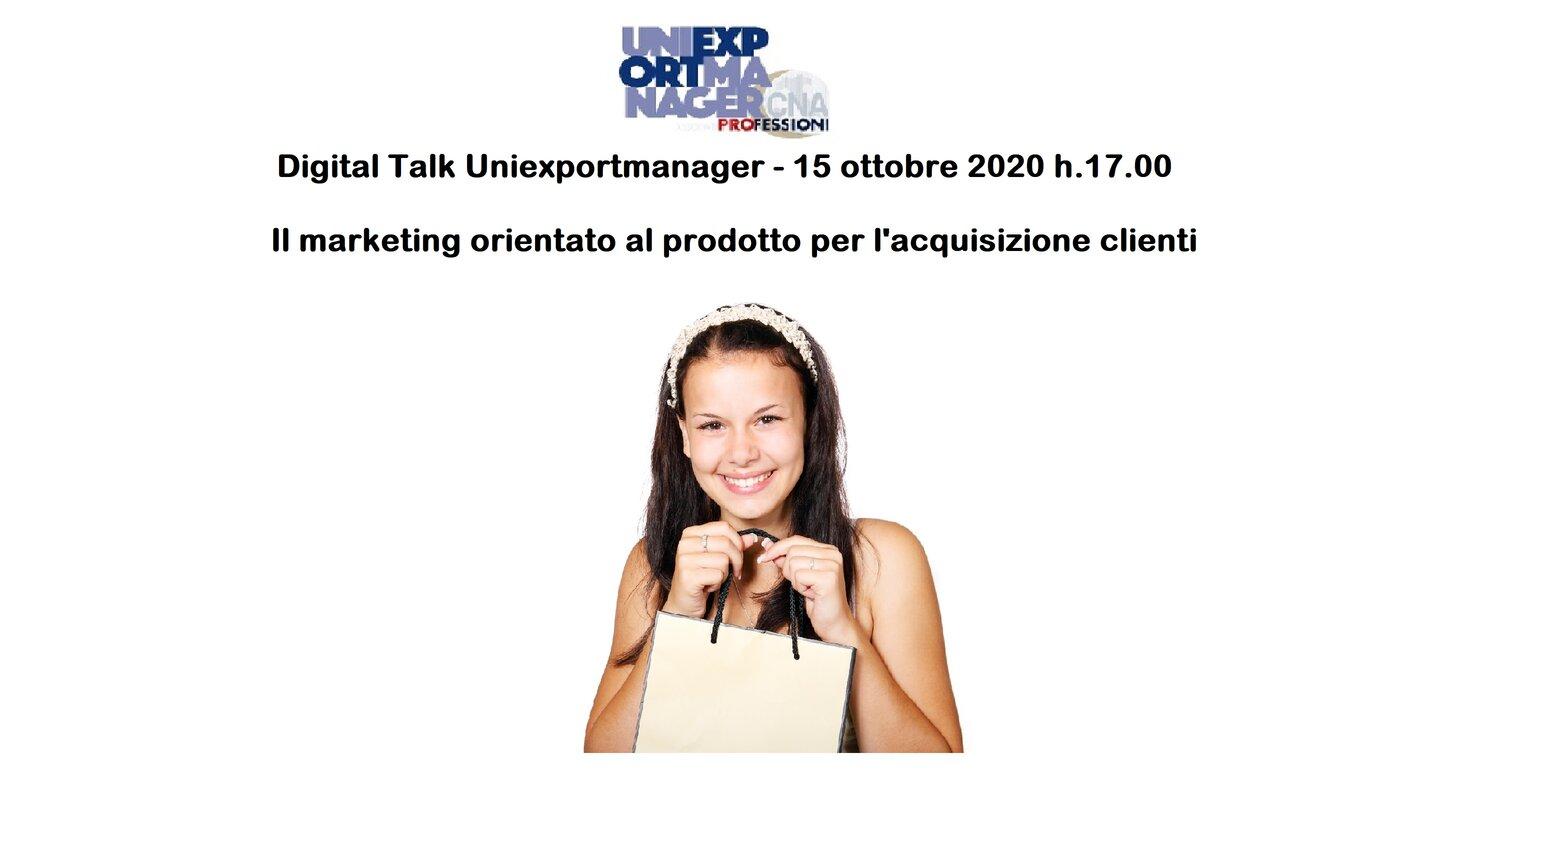 Nuovo Digital Talk Uniexportmanager con focus Il marketing orientato al prodotto per l'acquisizione dei clienti esteri